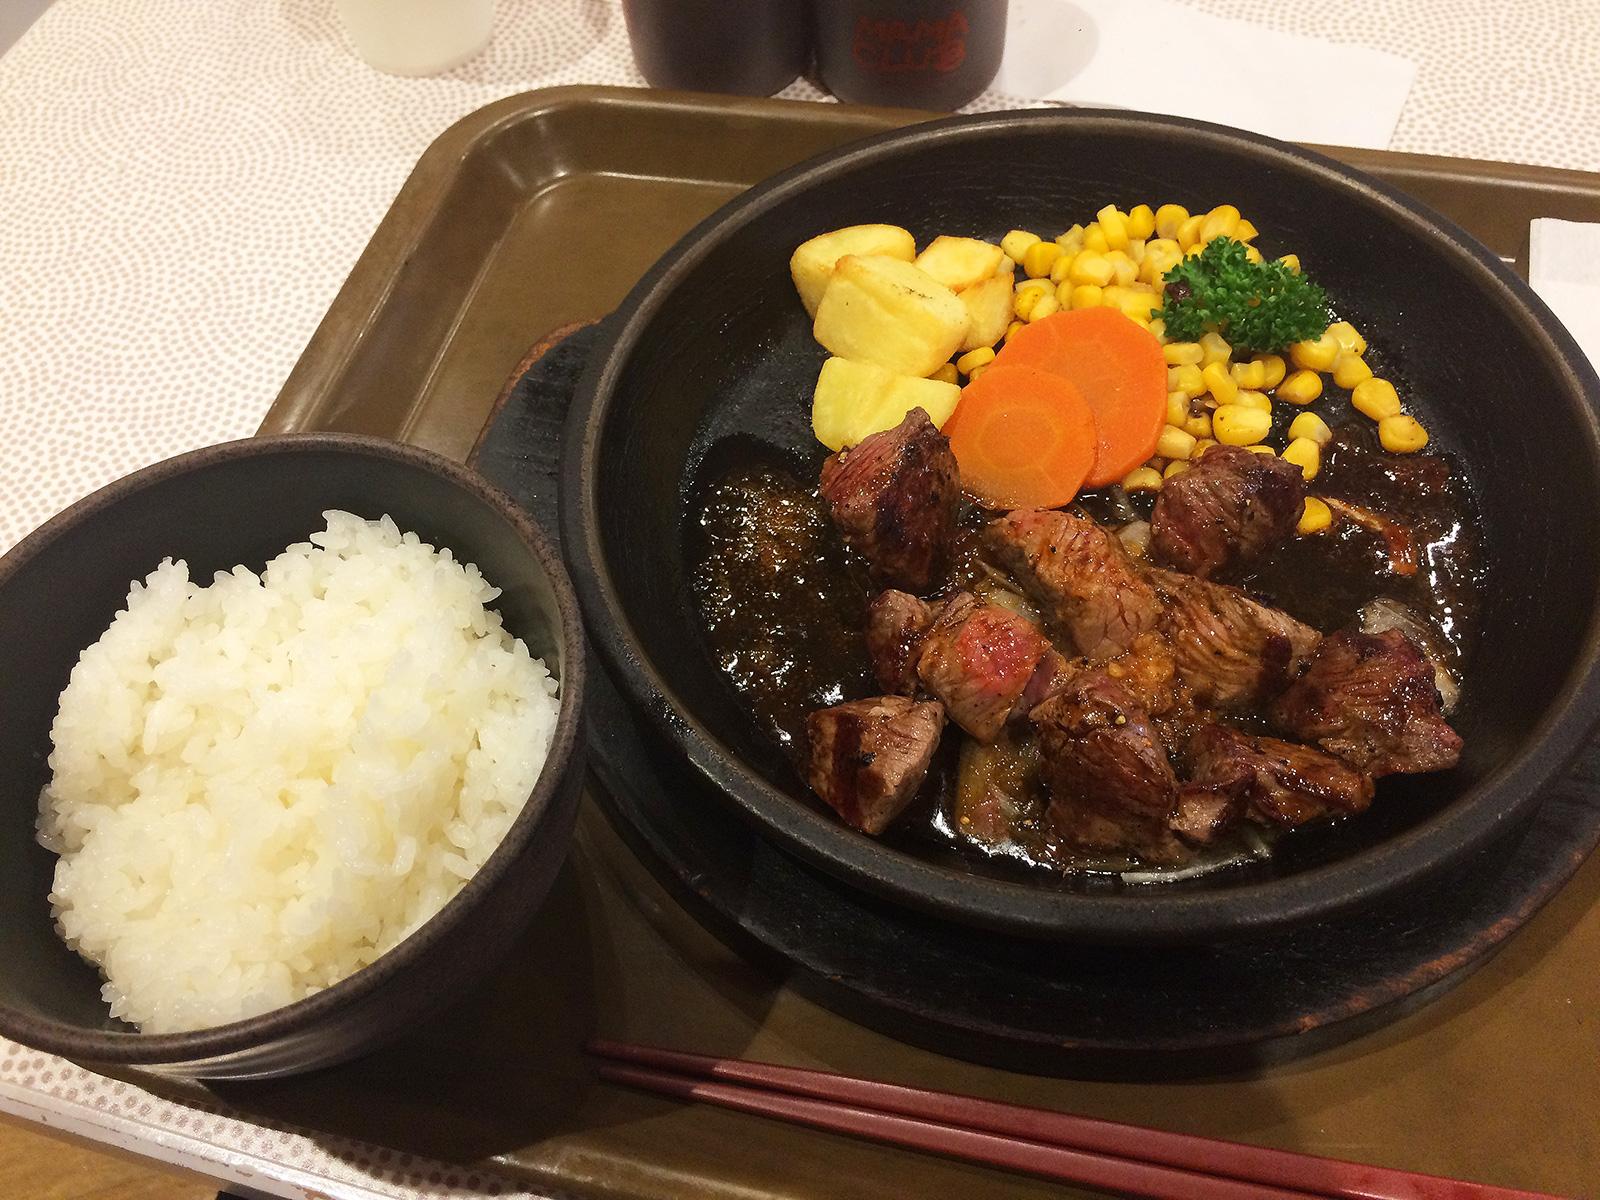 「CABステーキ mozoワンダーシティ店」のひとくちカットステーキ @上小田井